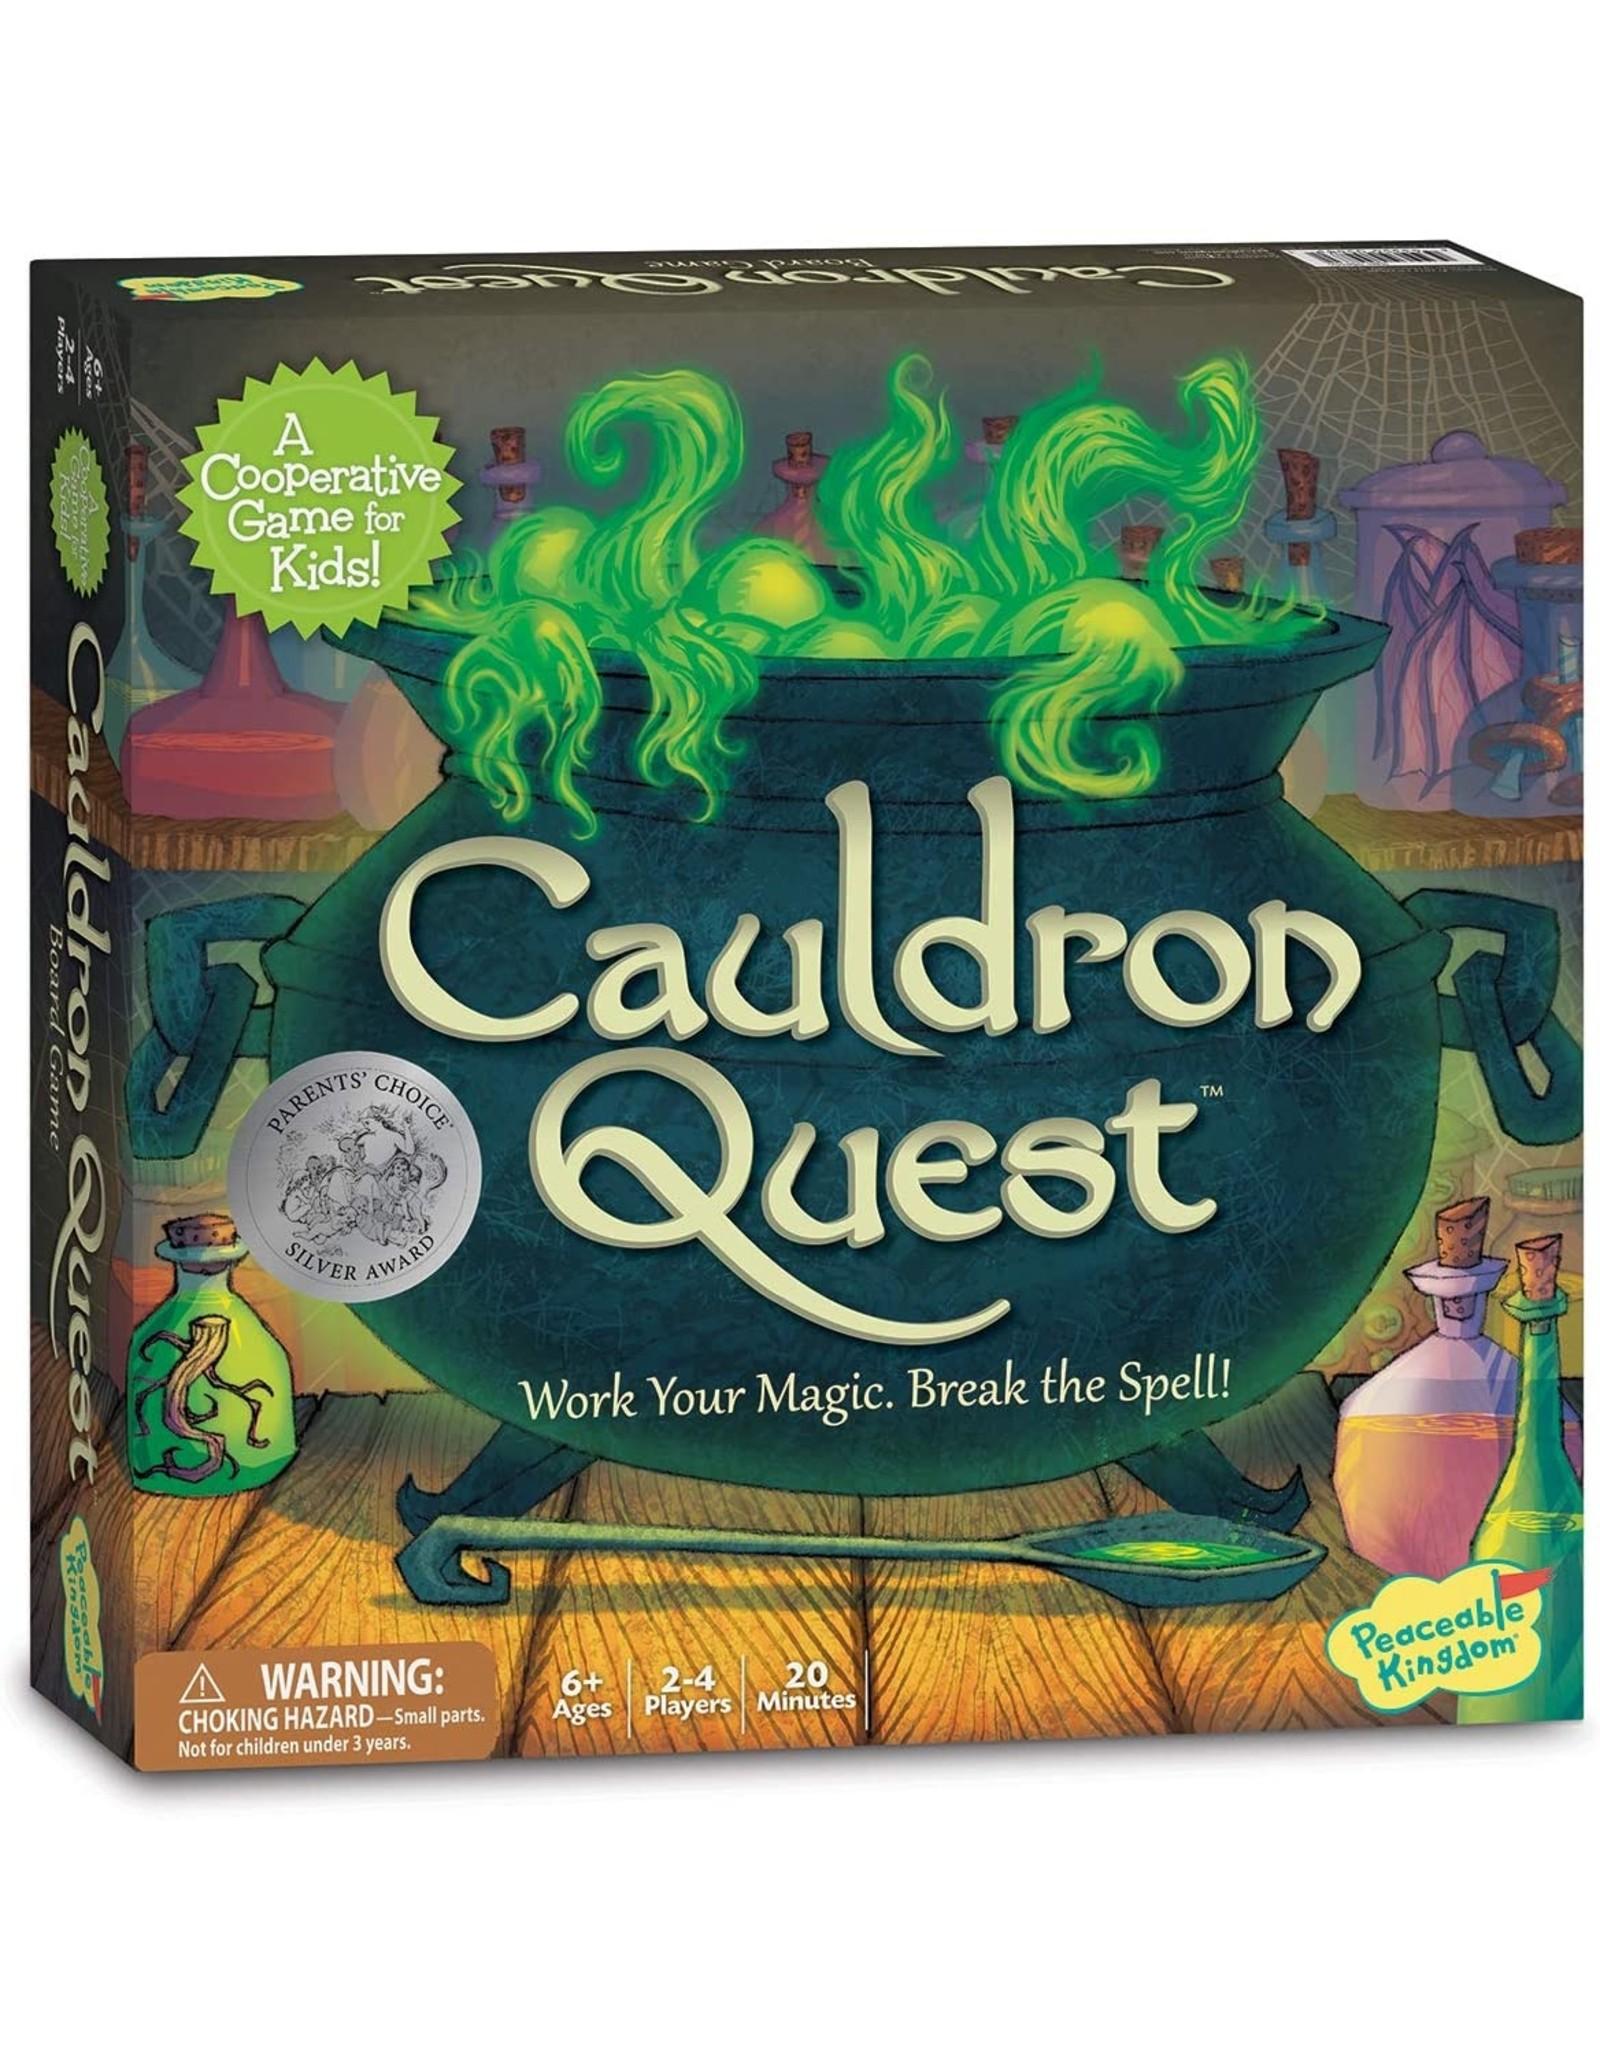 Peaceable Kingdom Cauldron Quest